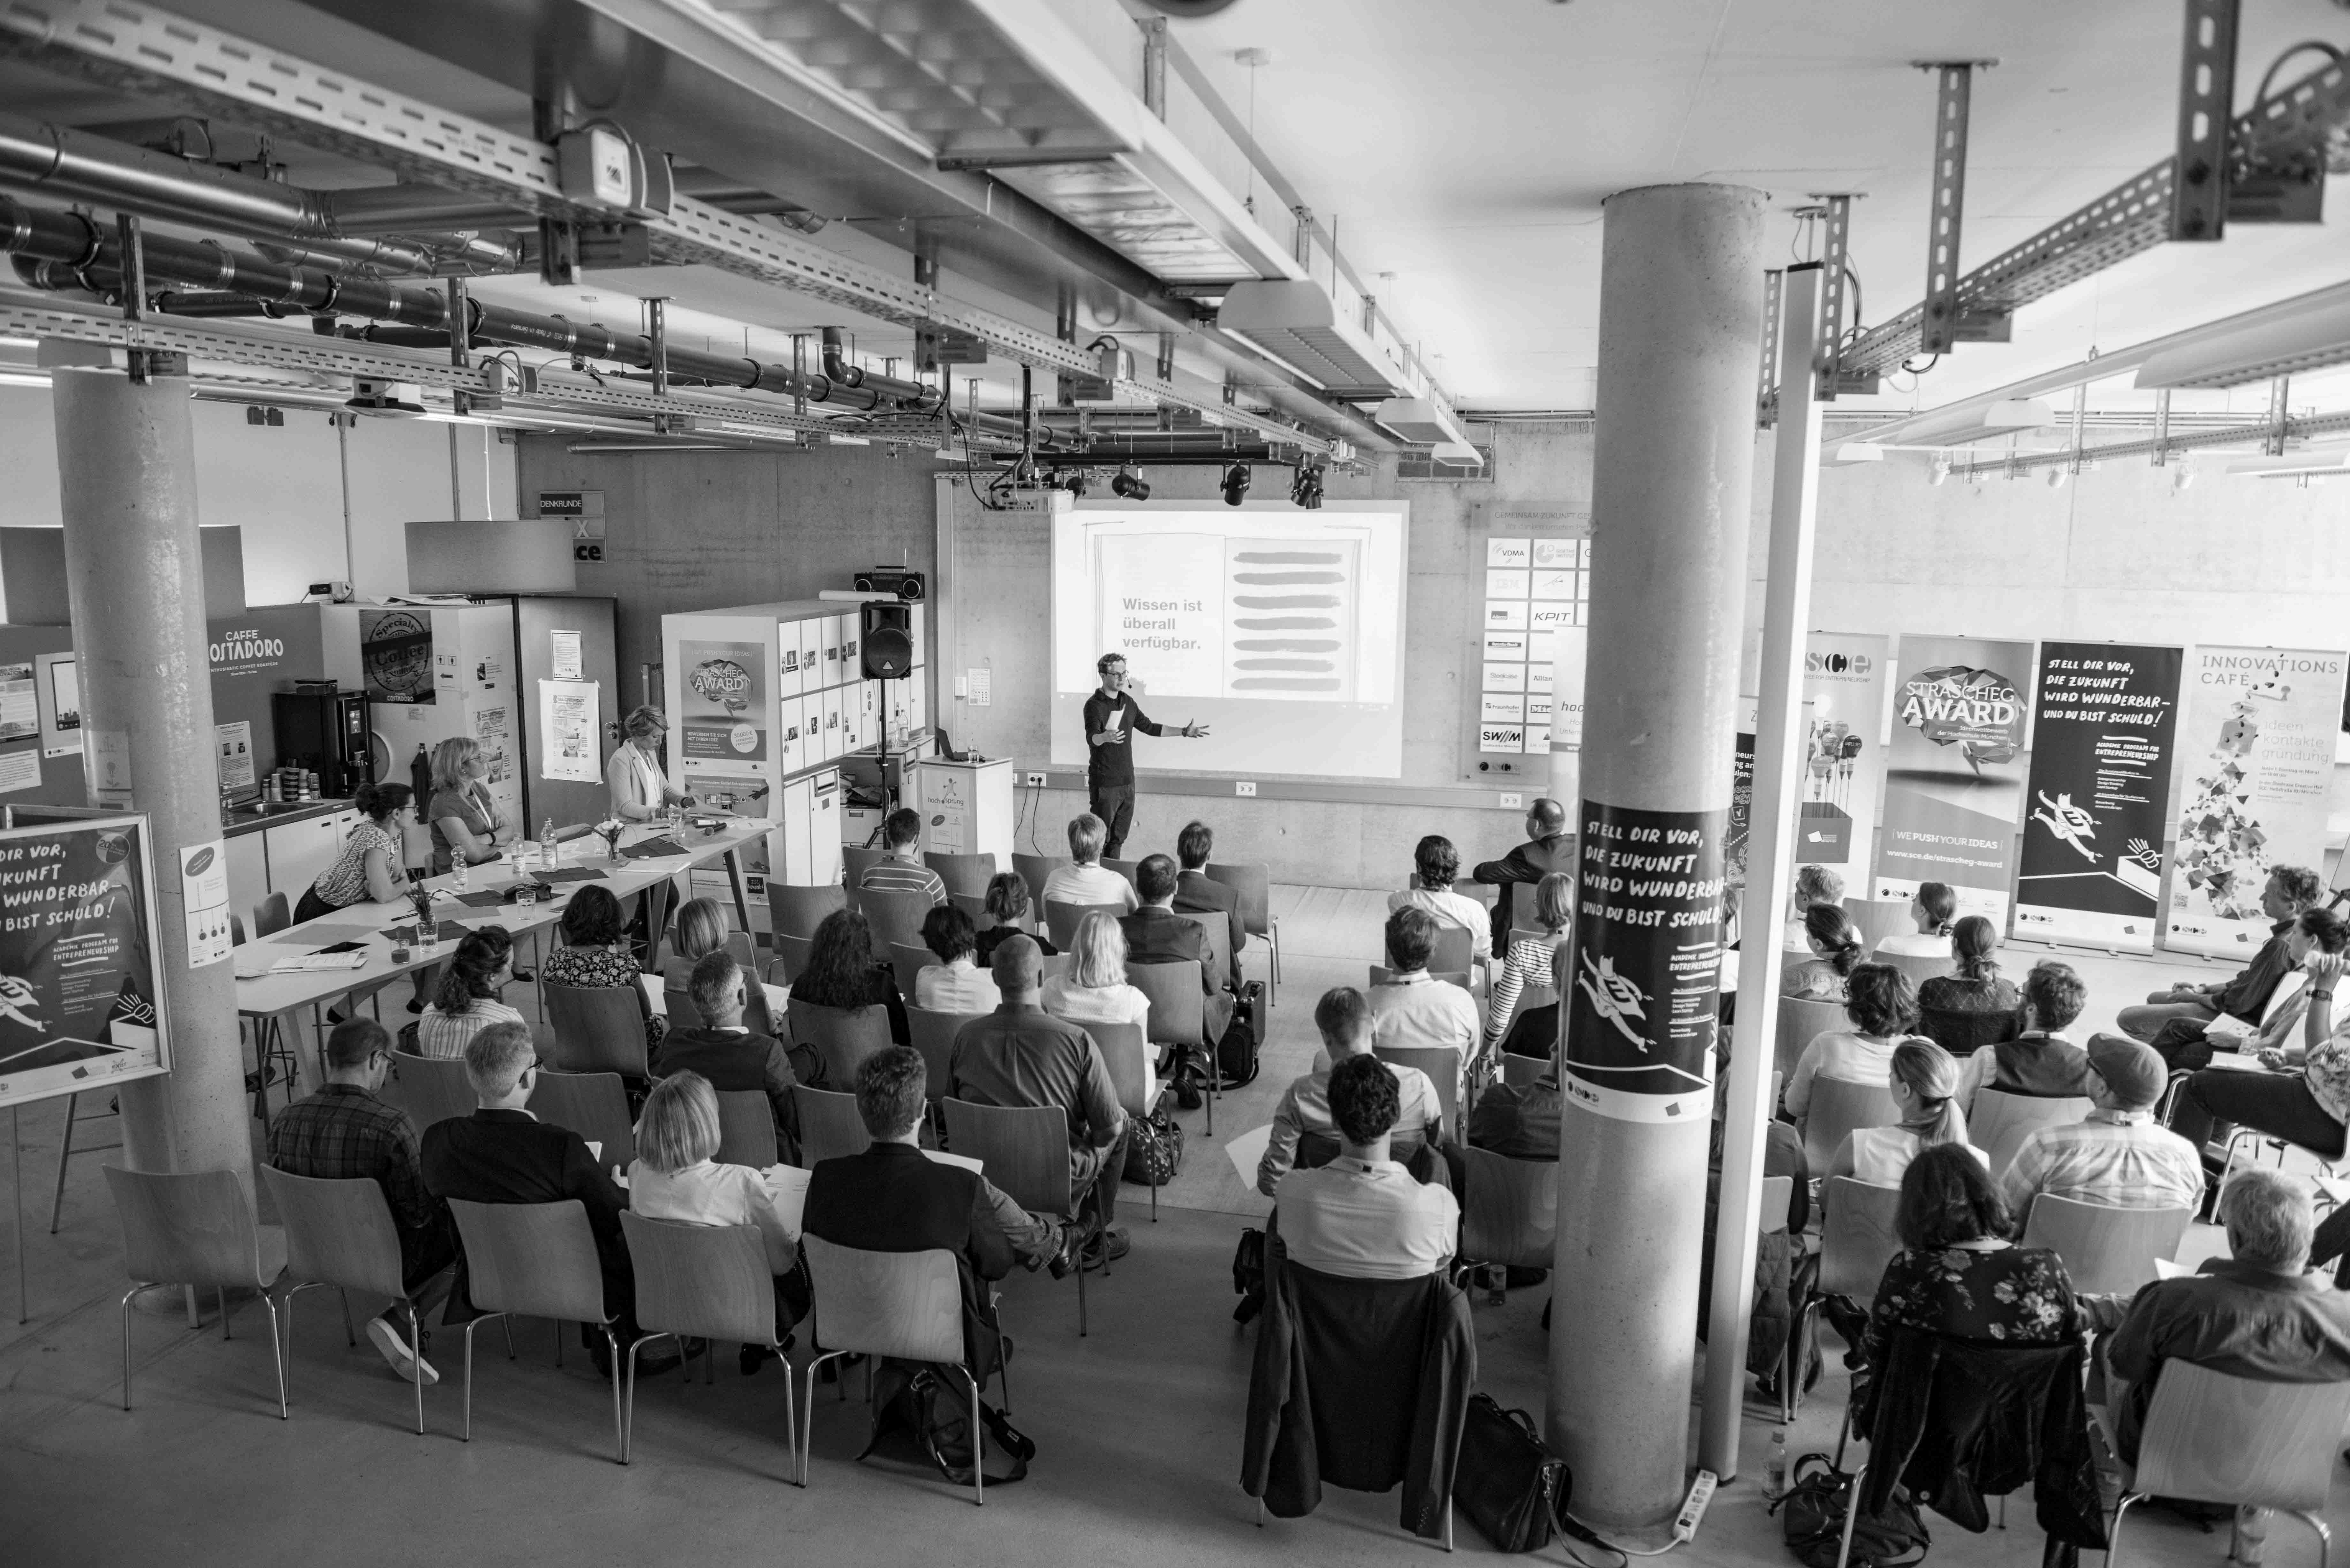 Hochsprung KOnferenz 2018 im Strascheg Center